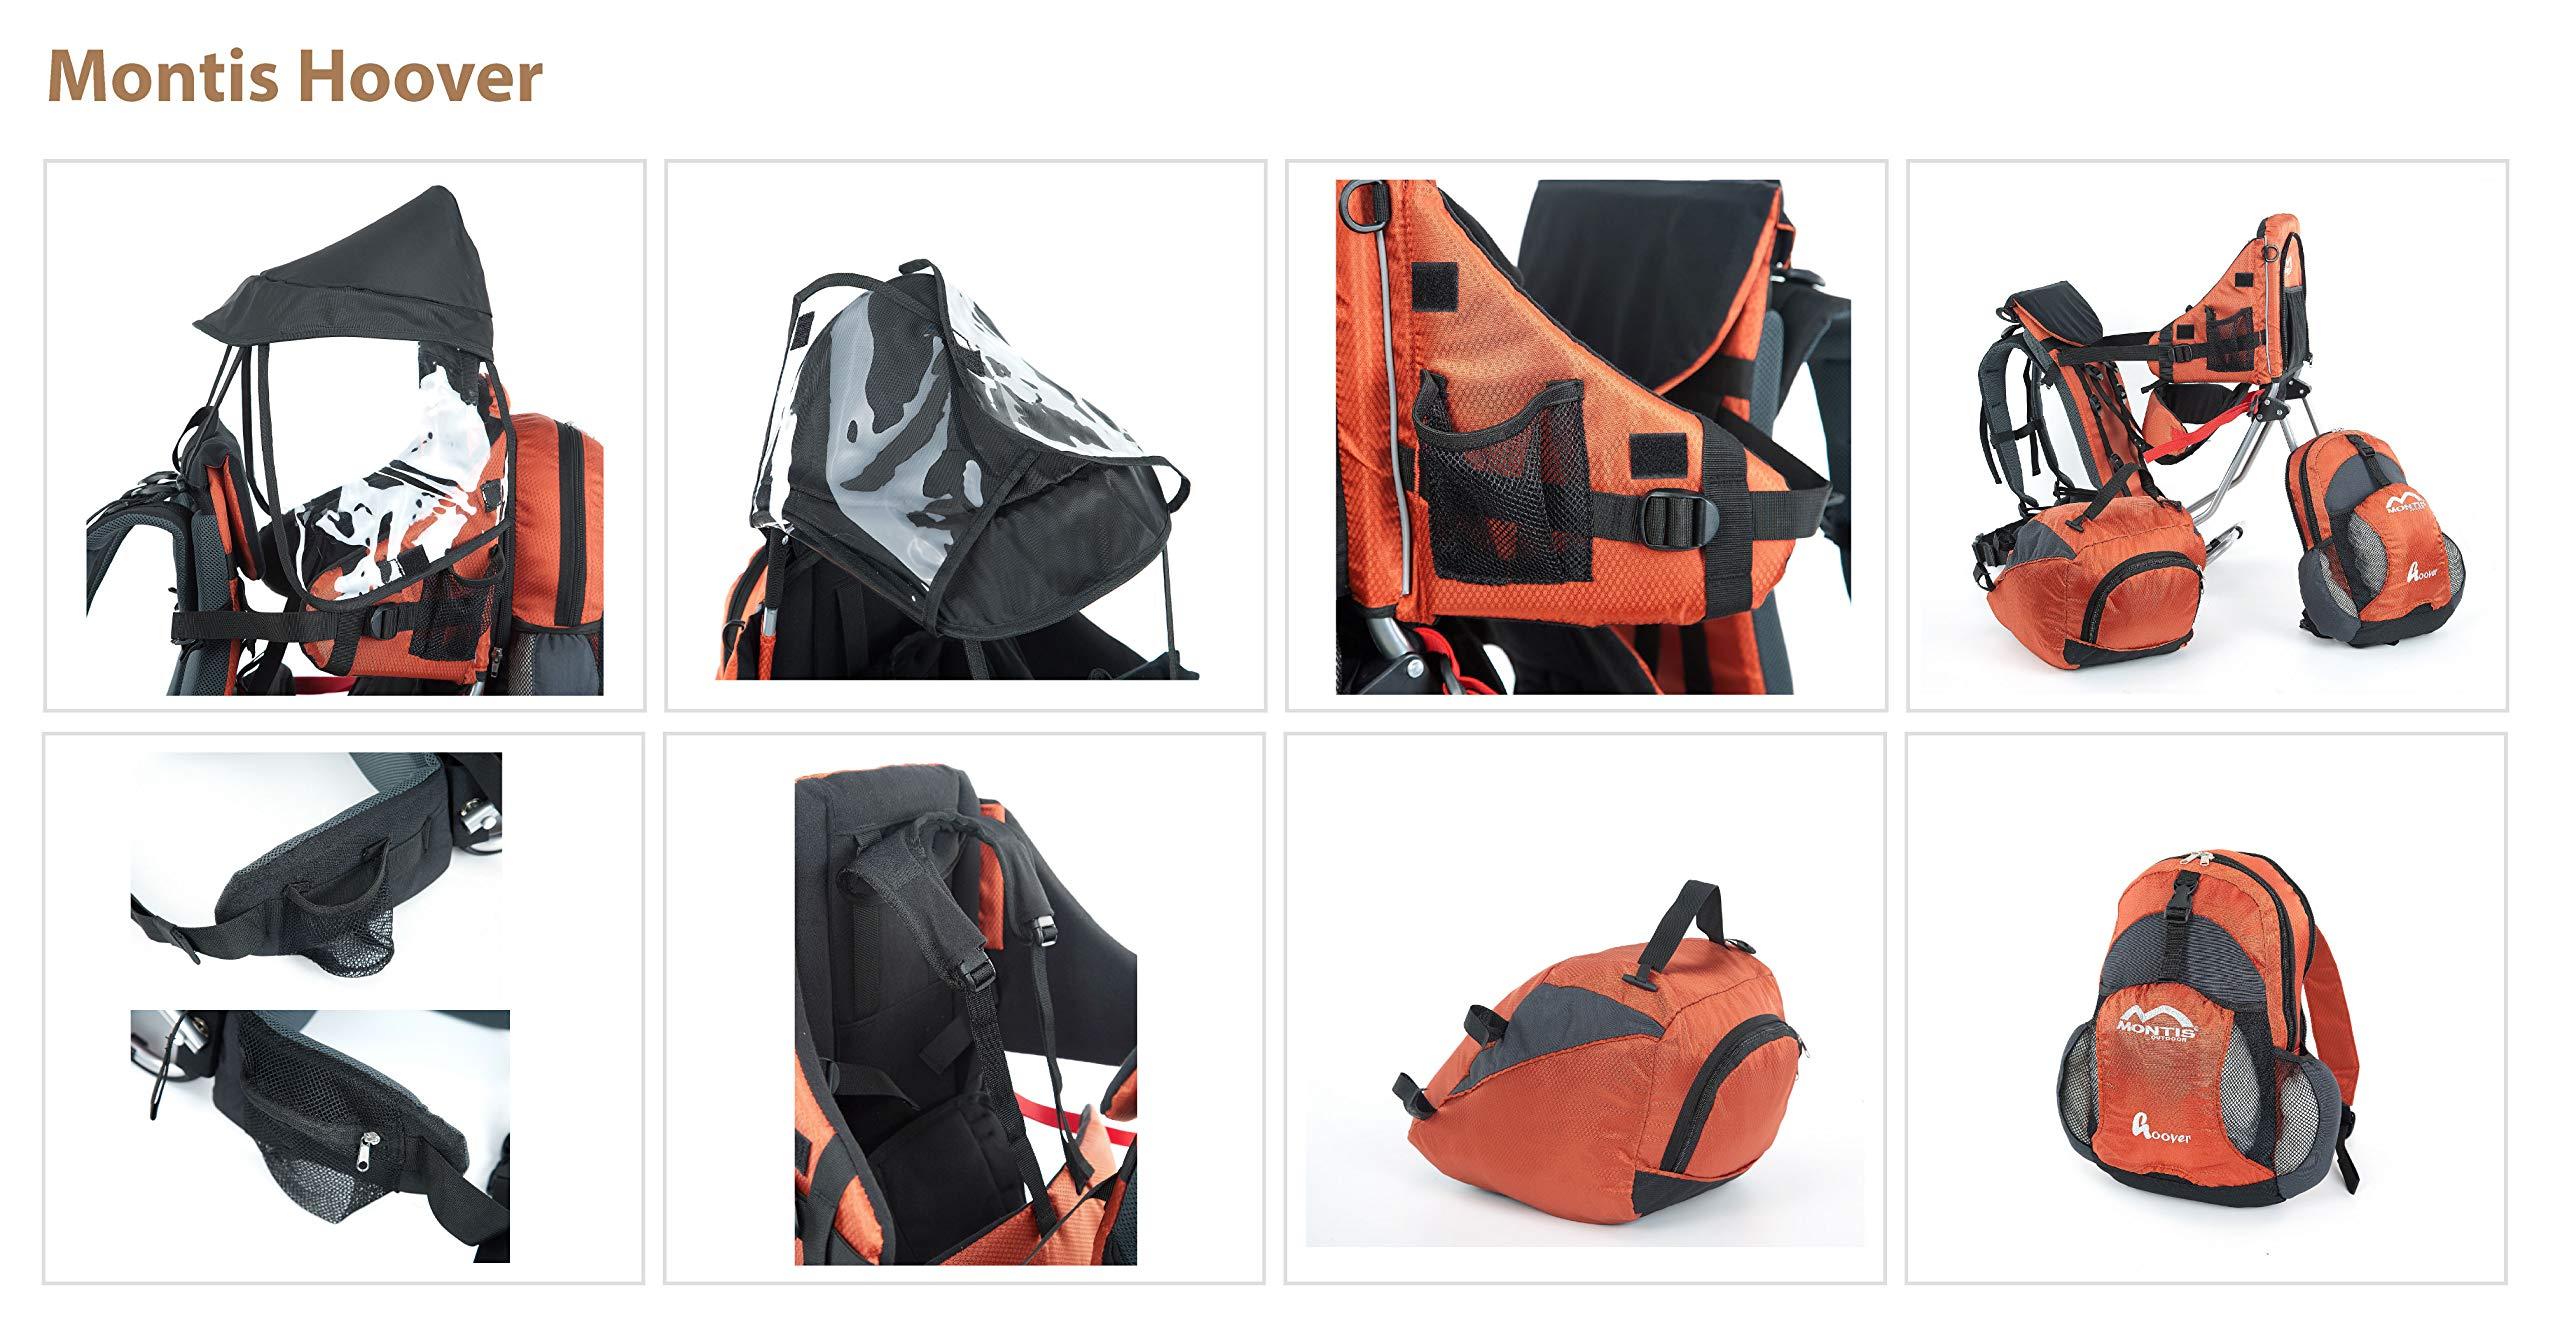 81S6LQUQN6L - Montis Hoover - Mochila portabebés (carga máxima de 25 kg)